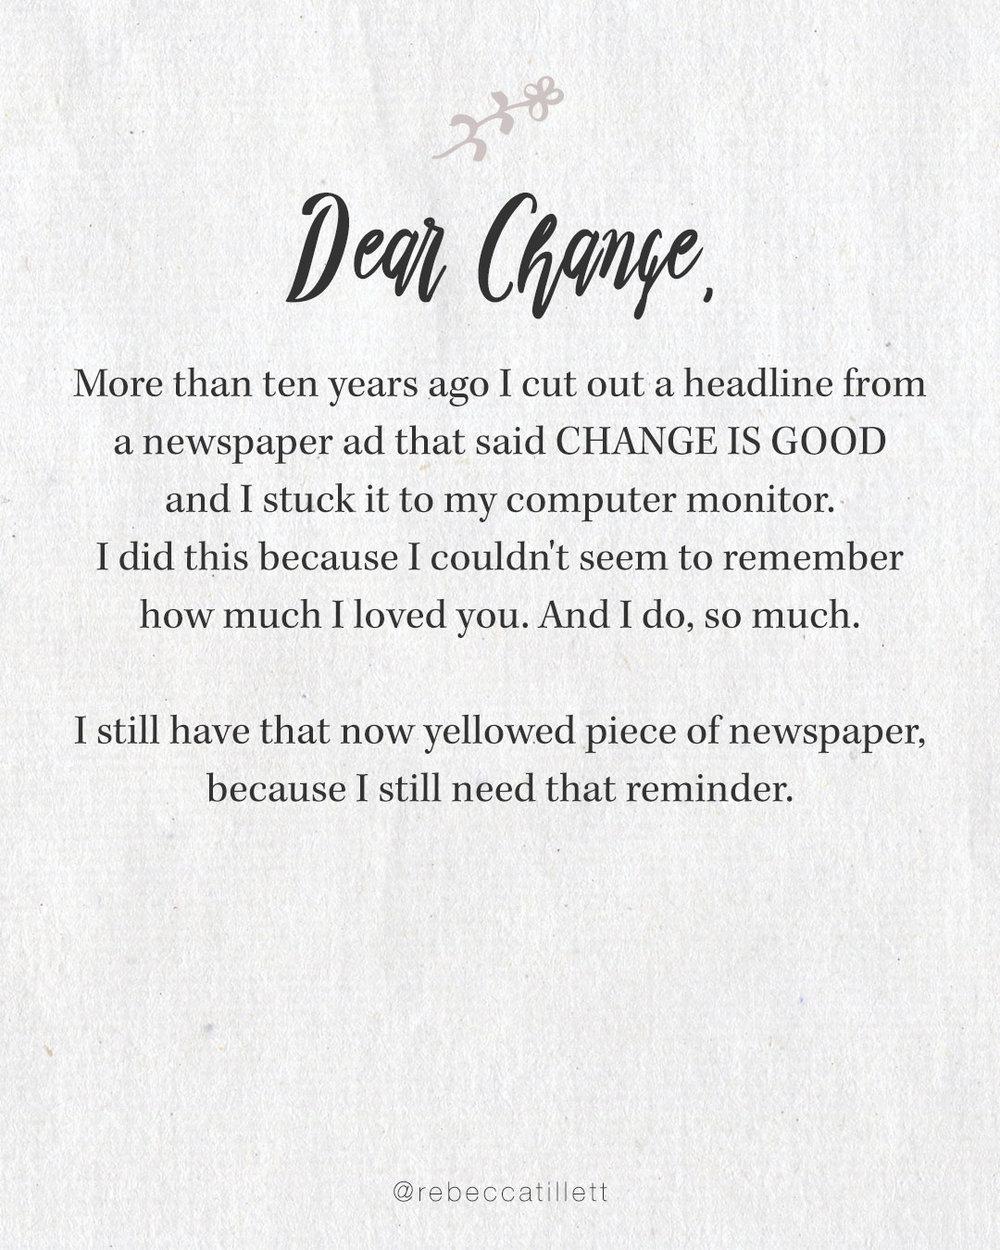 Dear Change